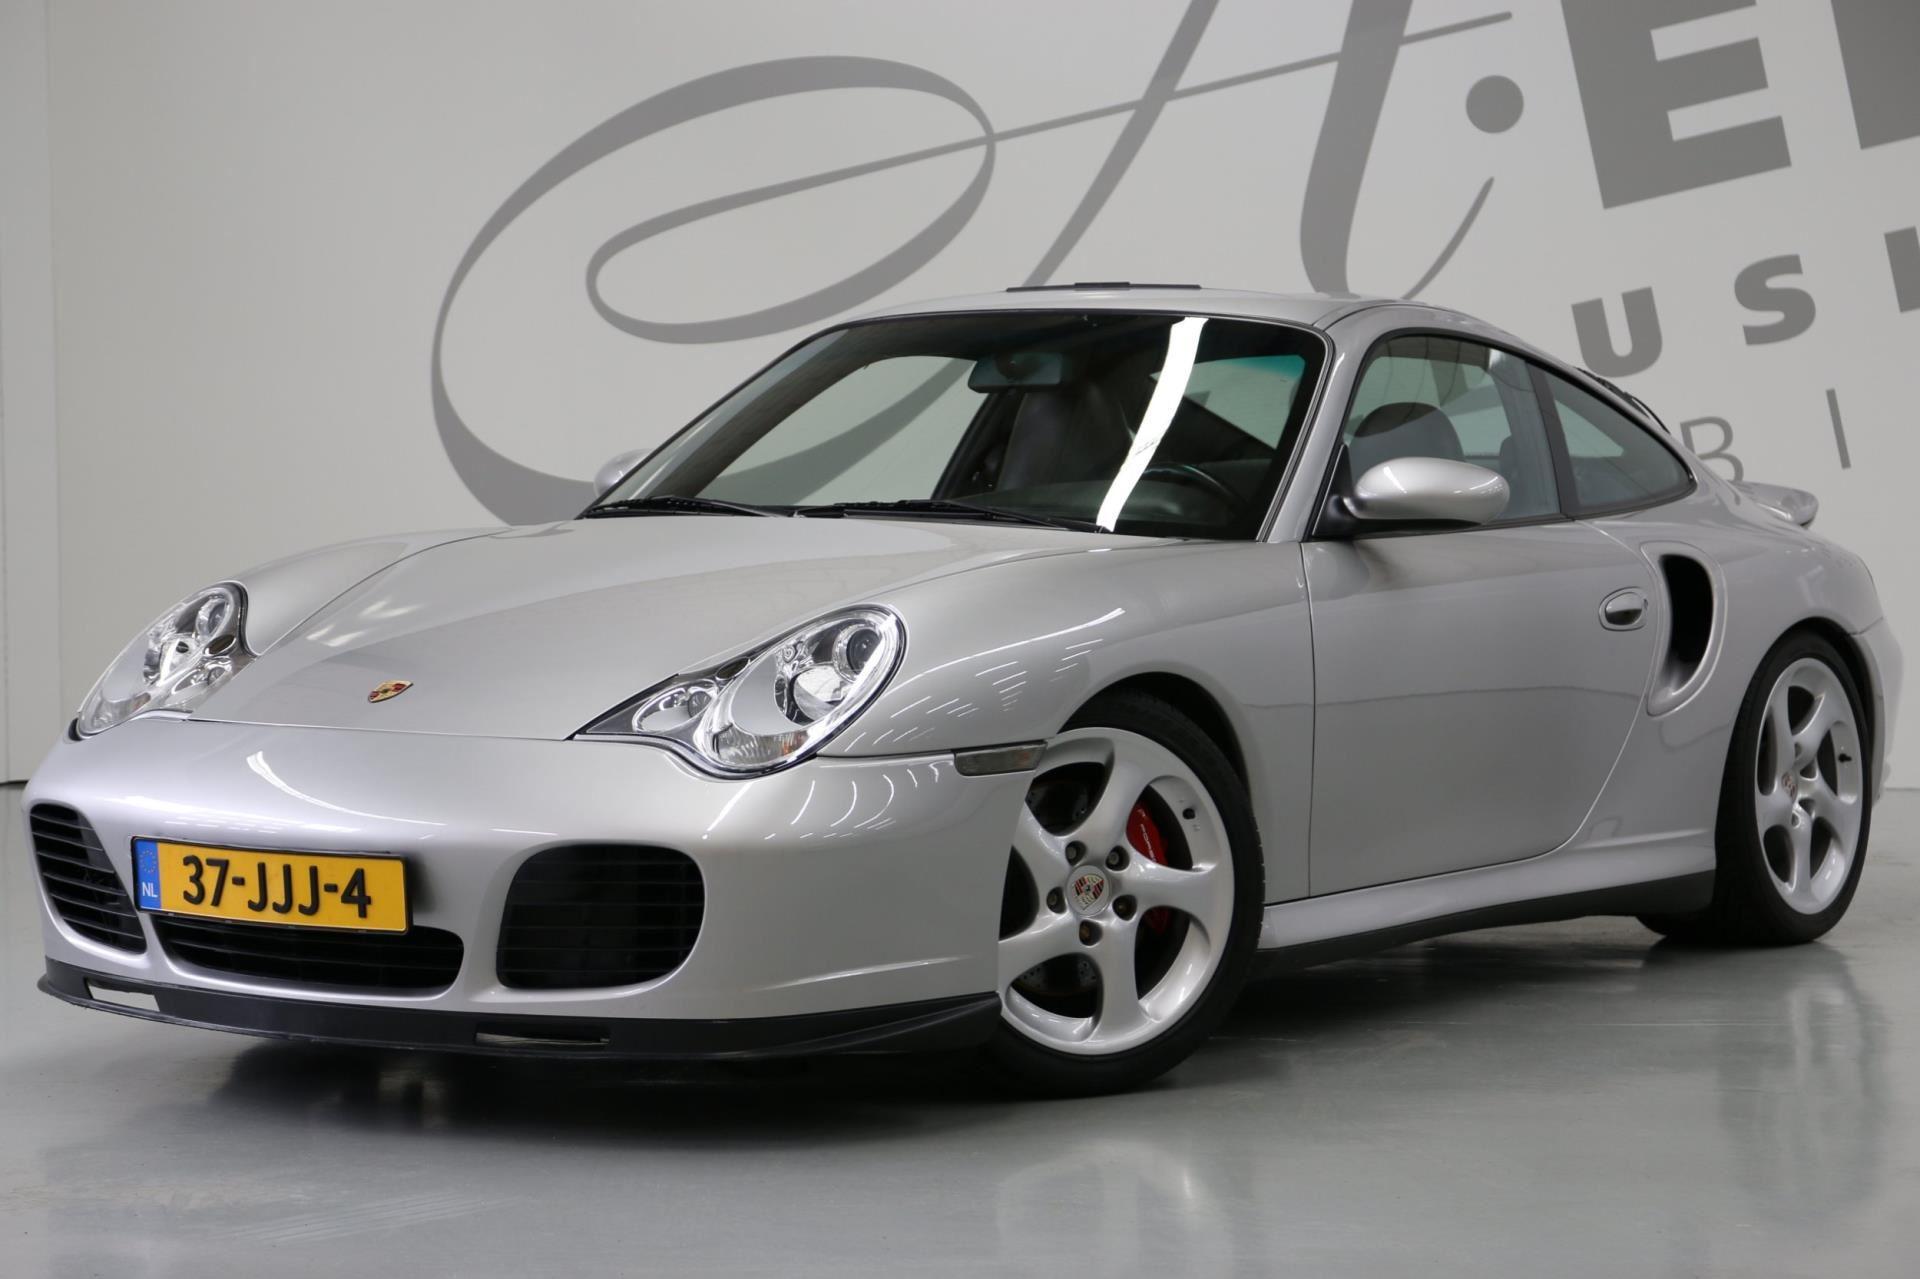 Porsche 911 occasion - Aeen Exclusieve Automobielen